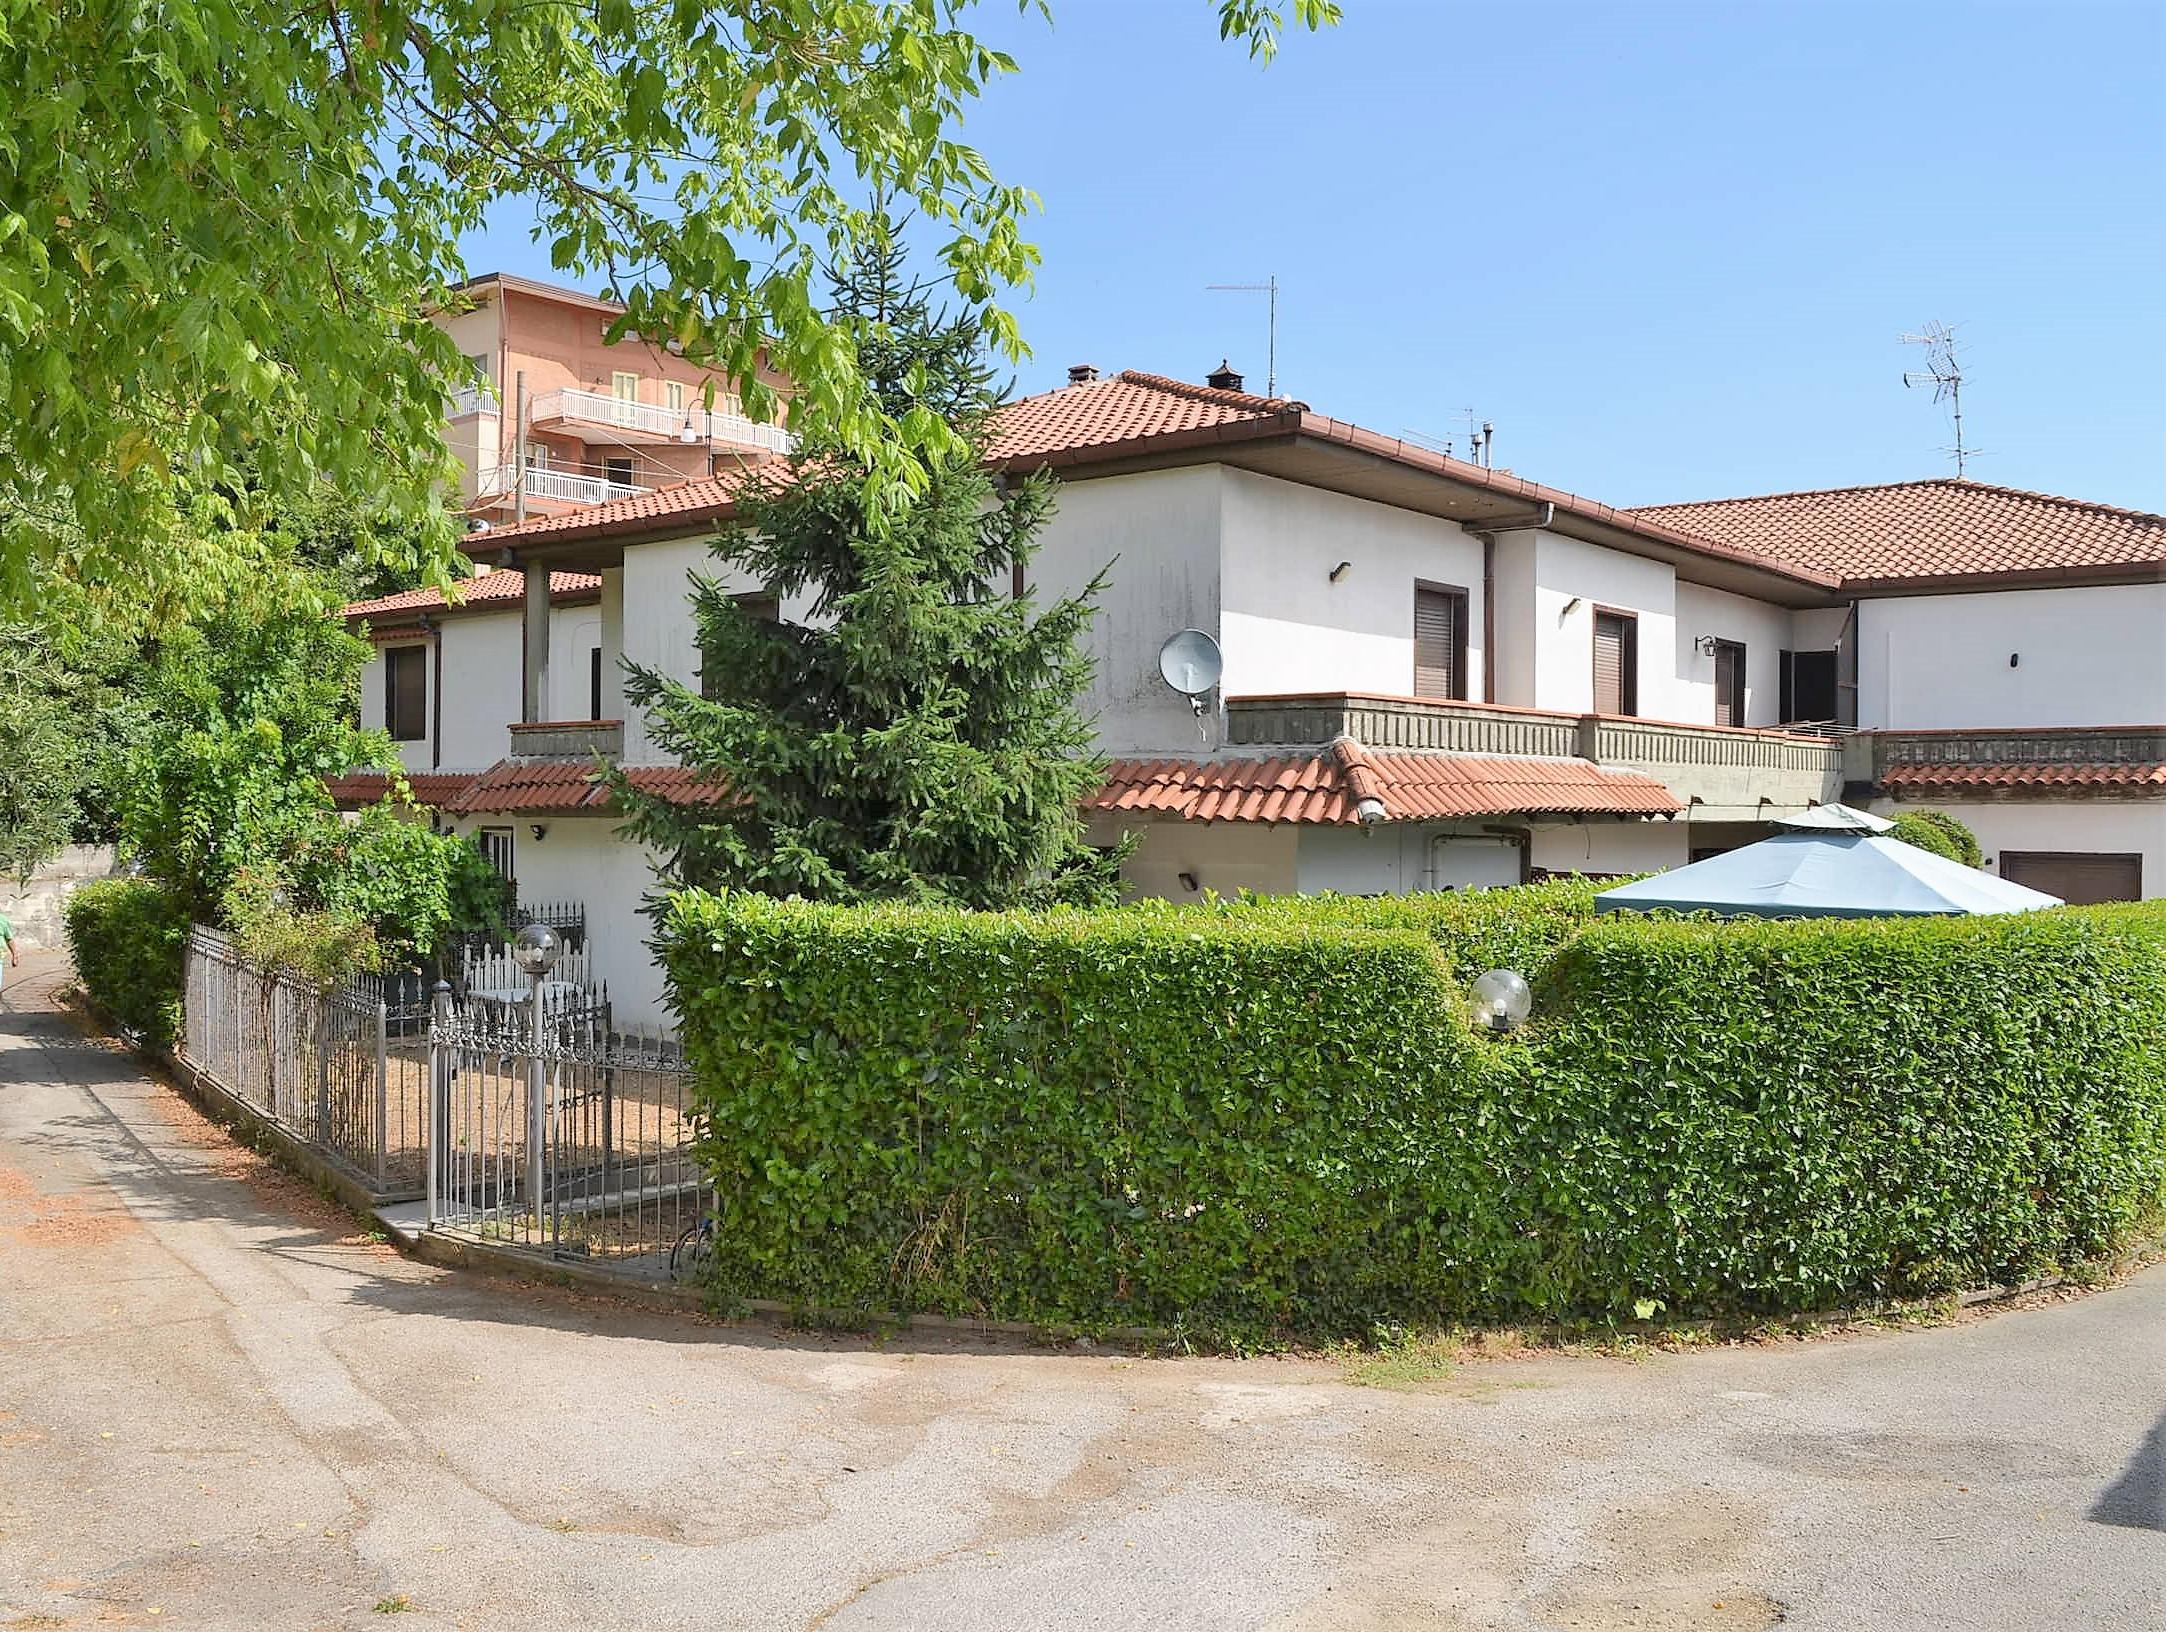 Candida (AV) Villetta con giardino al centro del paese